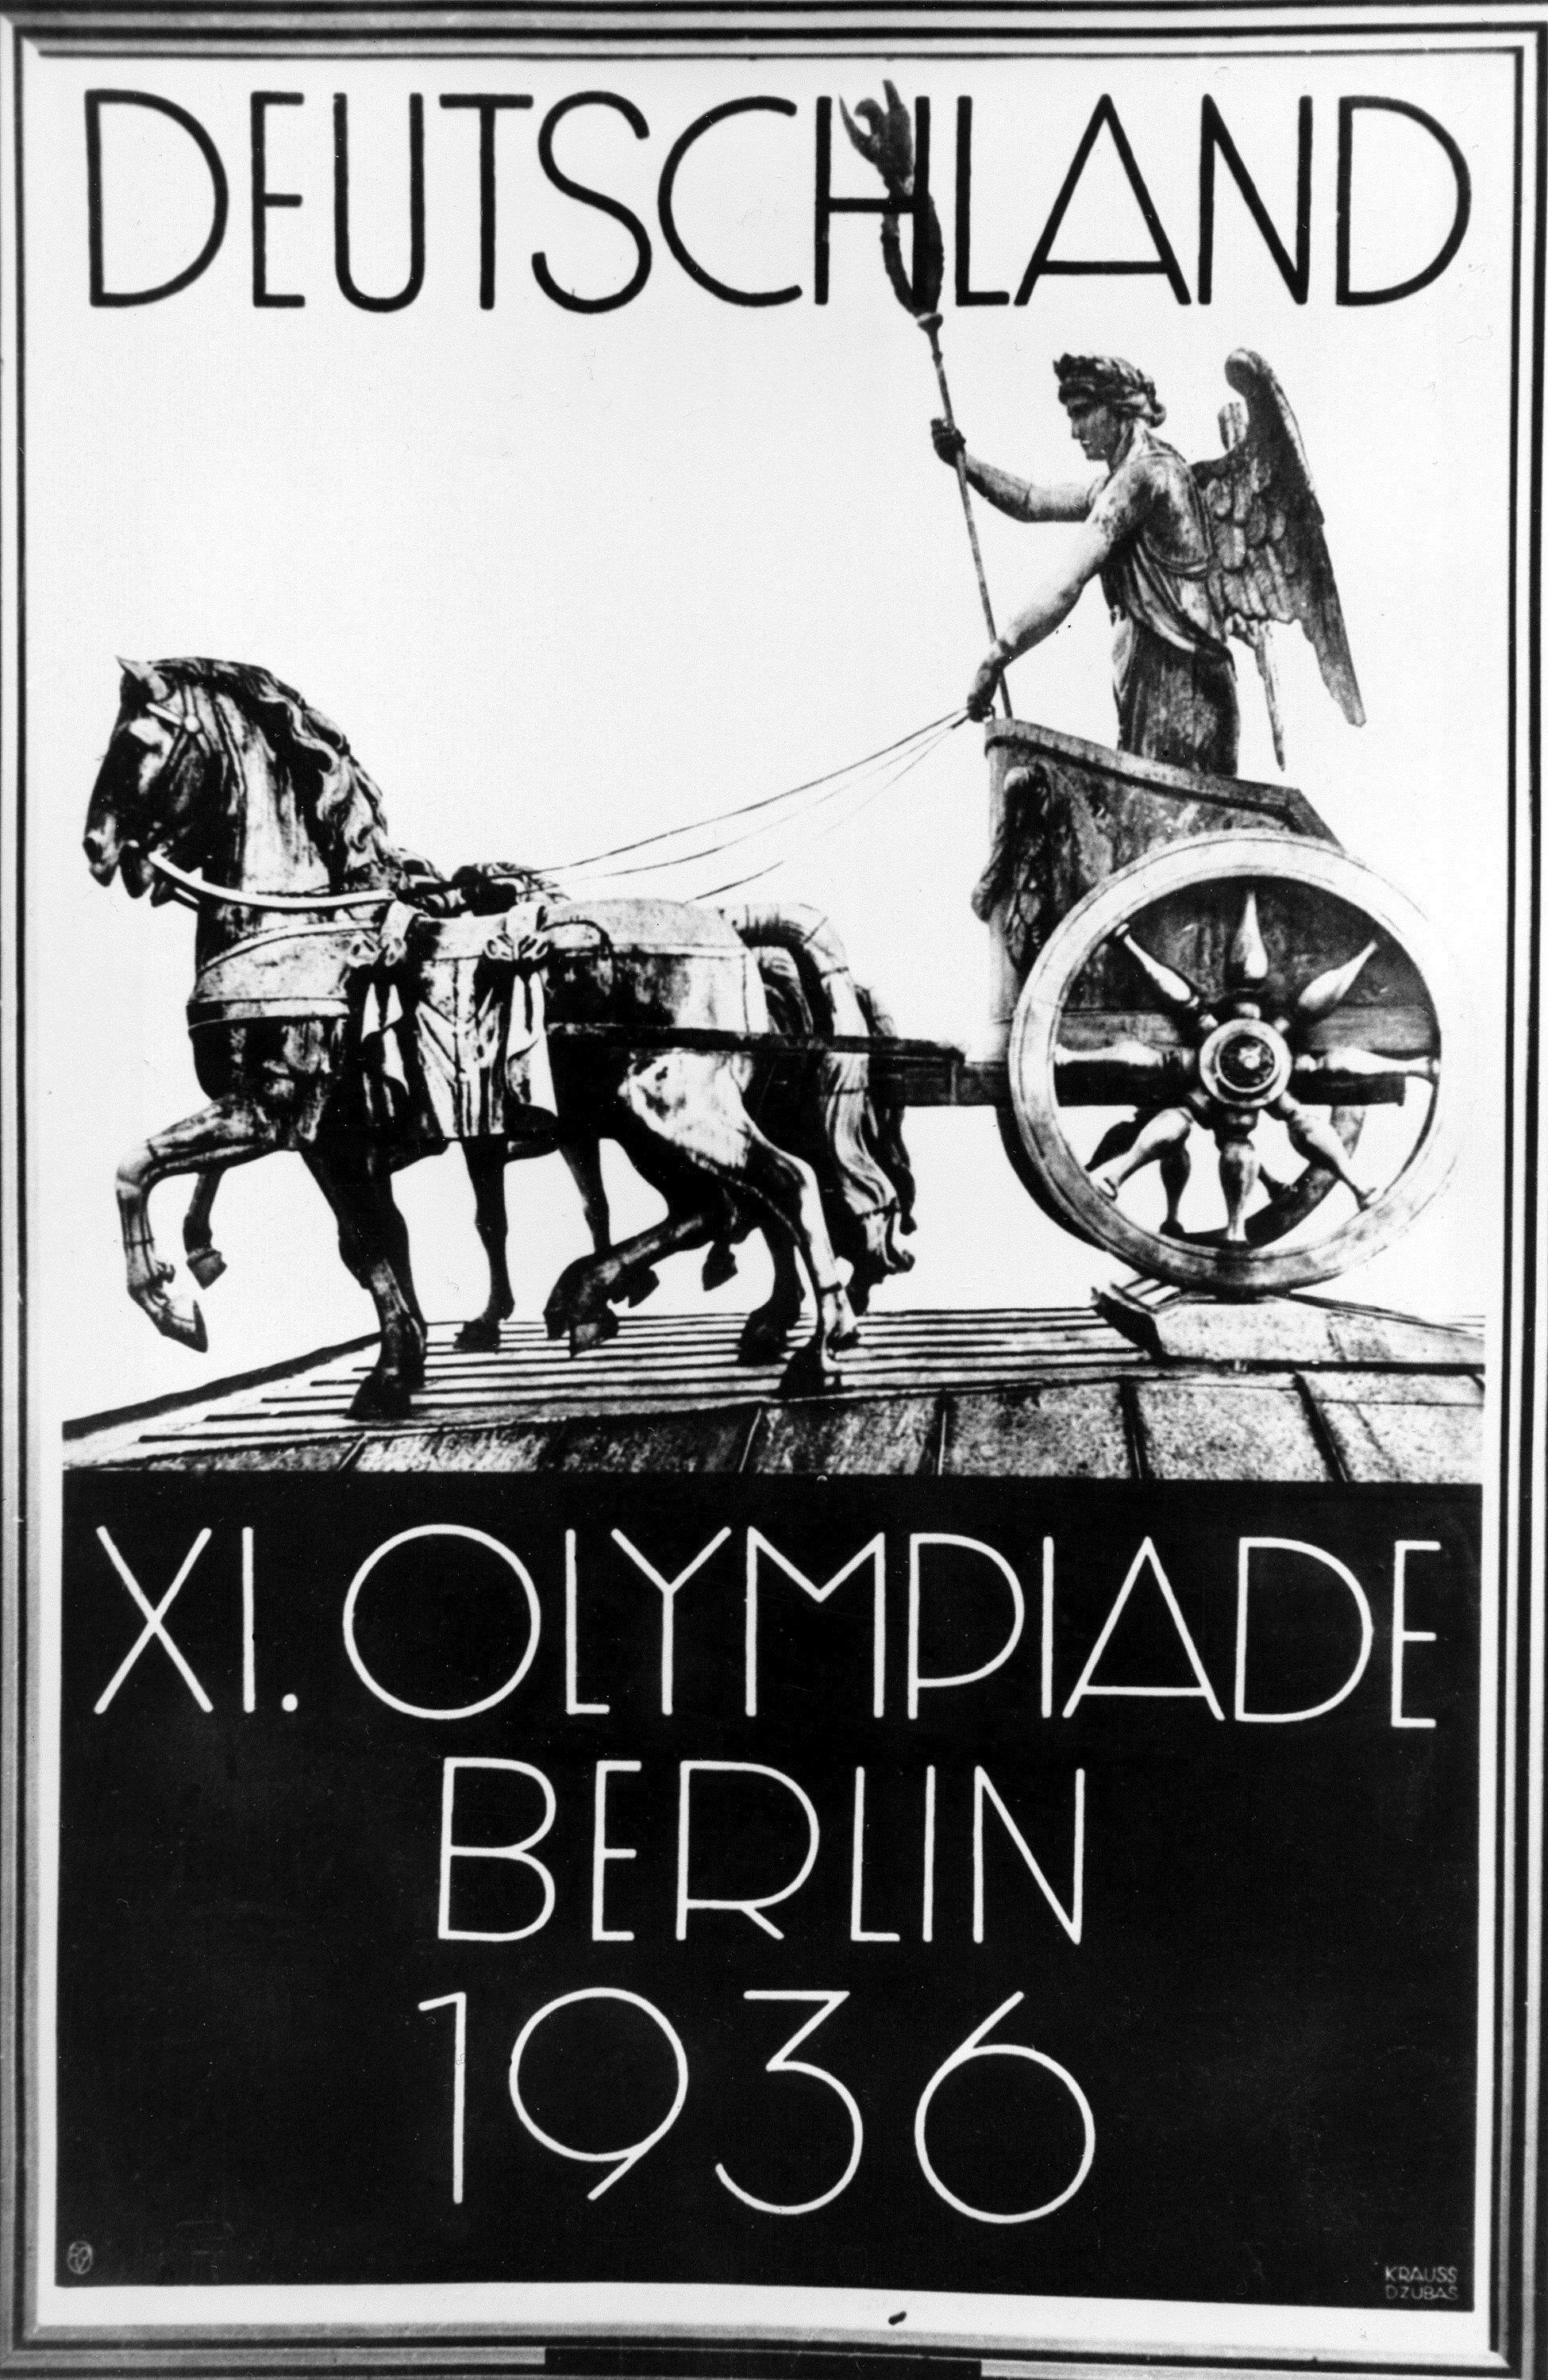 Affiche de 1933 consacrée aux JO 1936 de Berlin